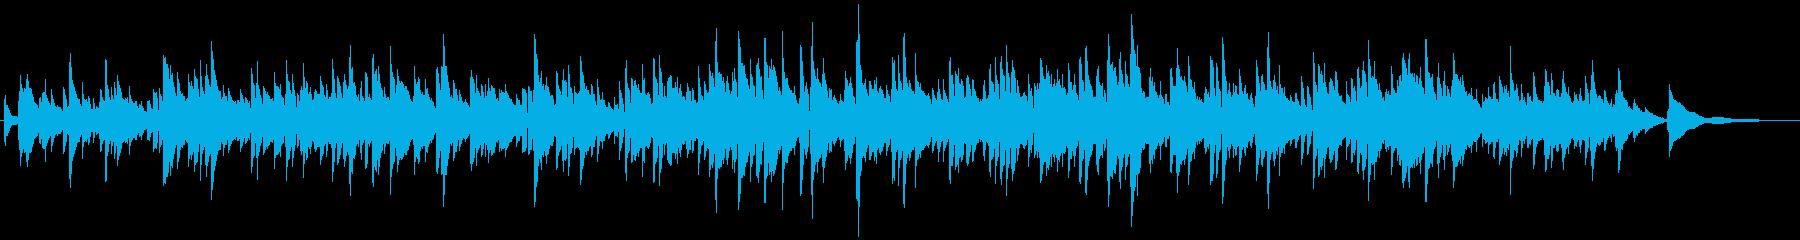 ギターデュオの生演奏による切ないバラードの再生済みの波形